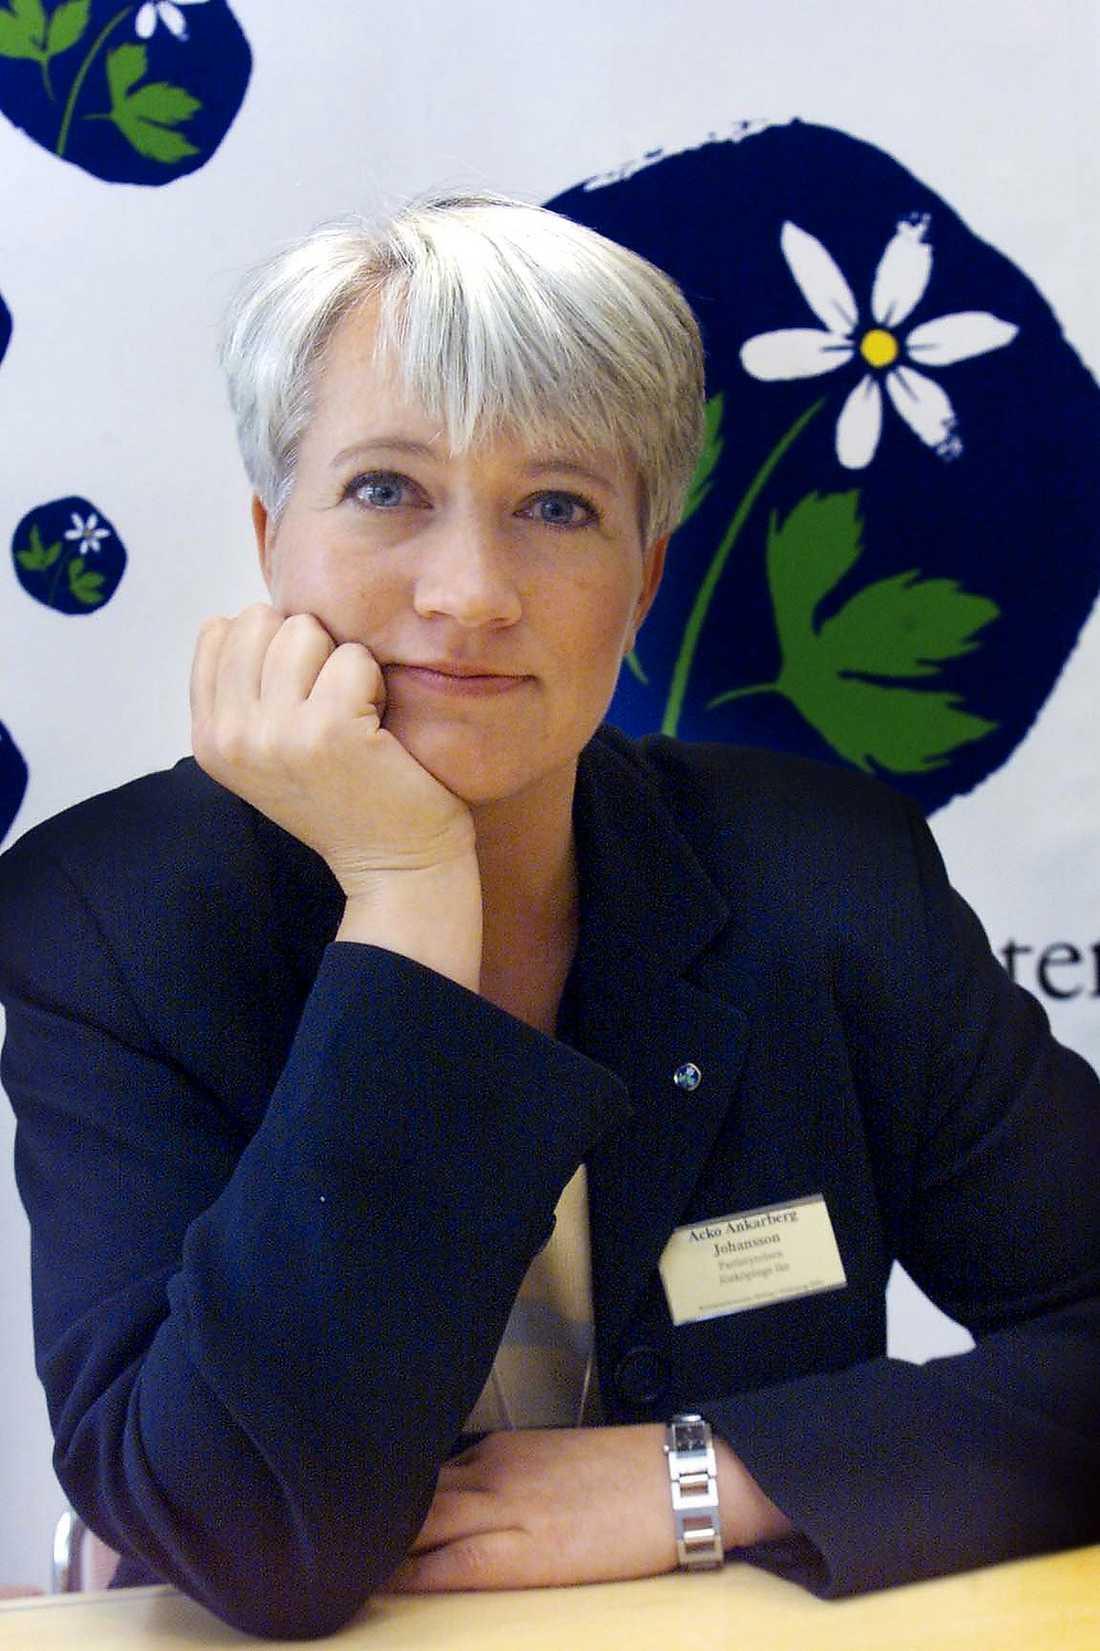 Acko Ankarberg Johansson Position inom KD: Partisekreterare. Status: Har hittills varit tydlig med att hon inte vill bli ny partiledare.